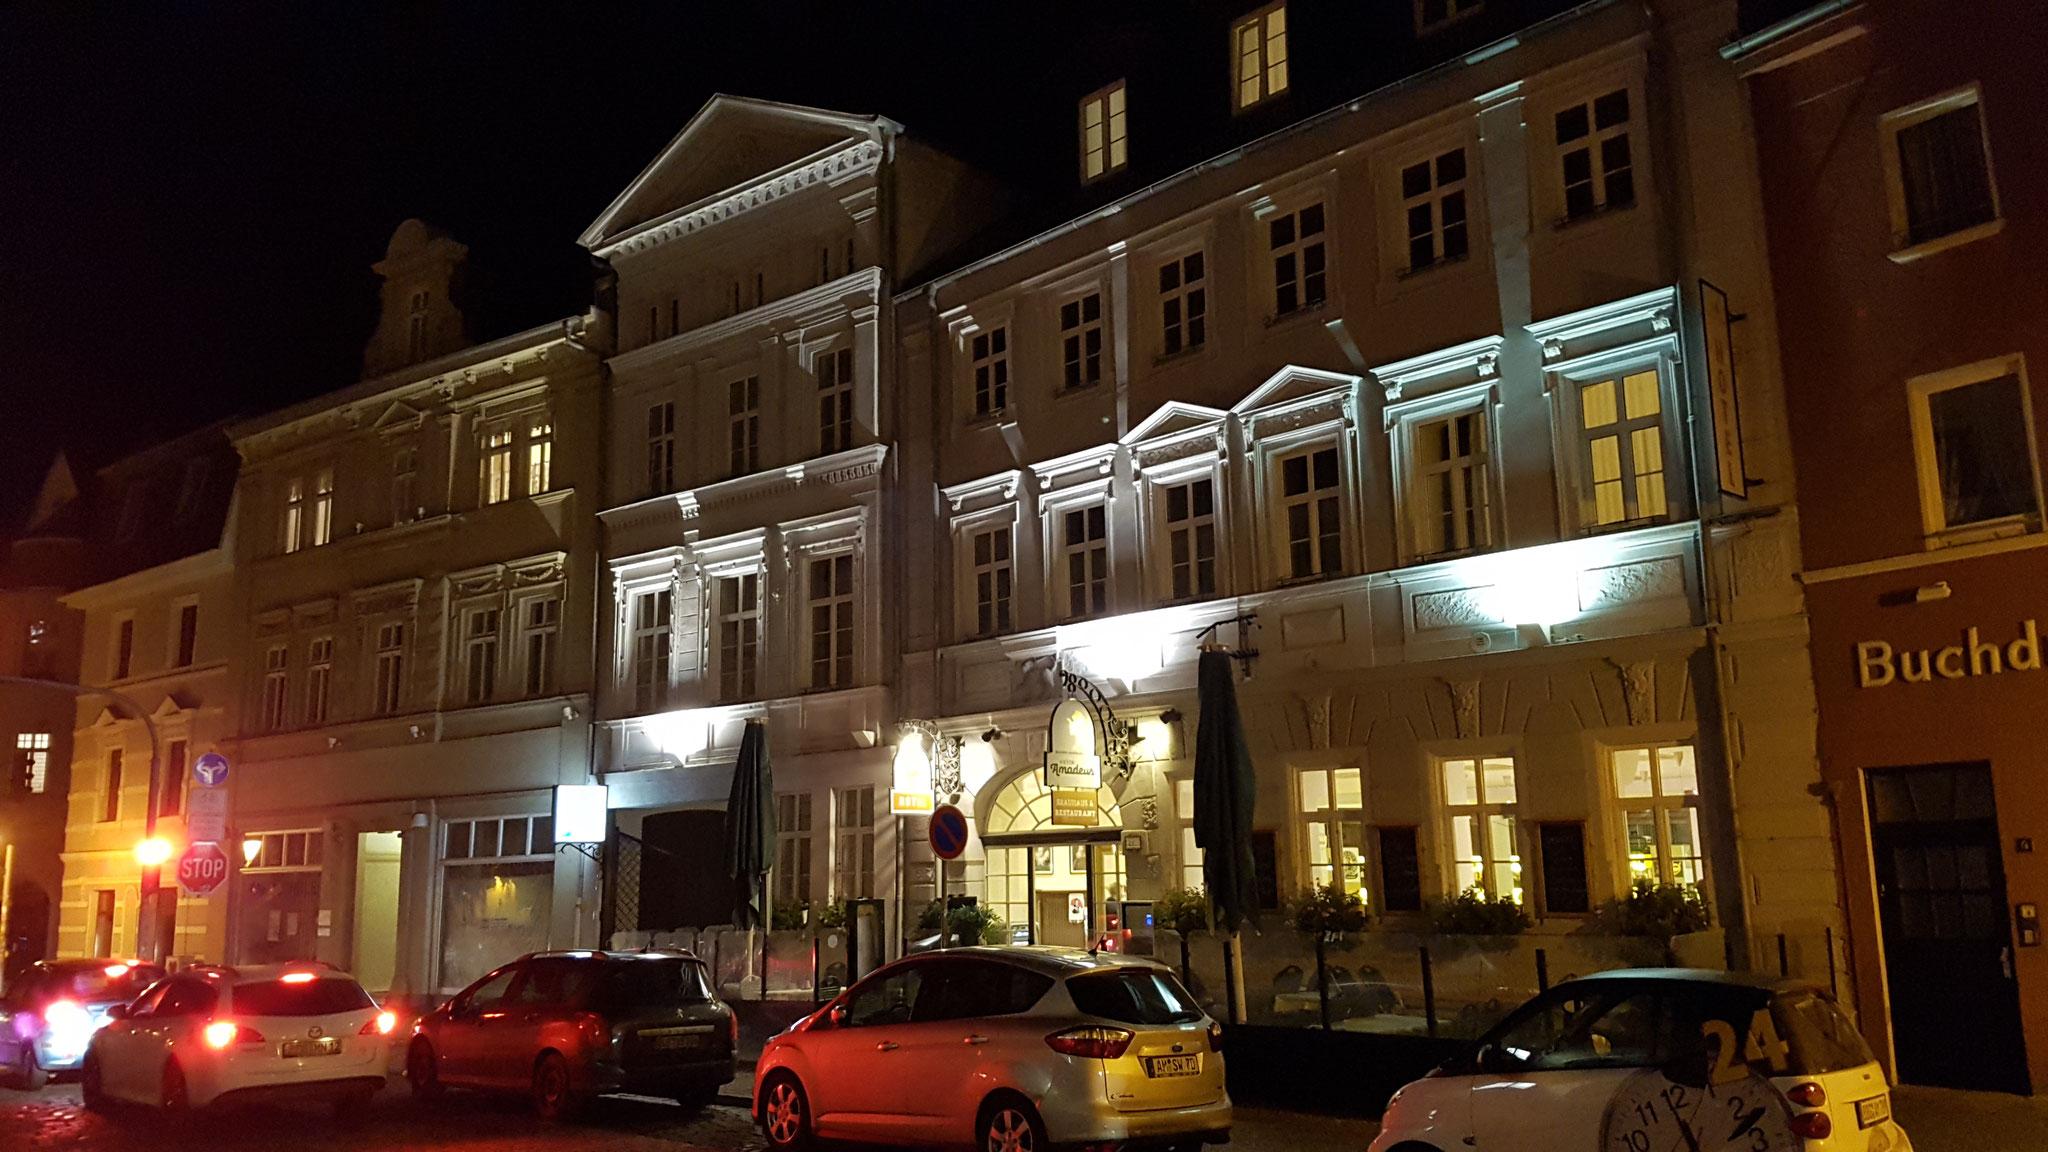 Front des Hotels am Abend.